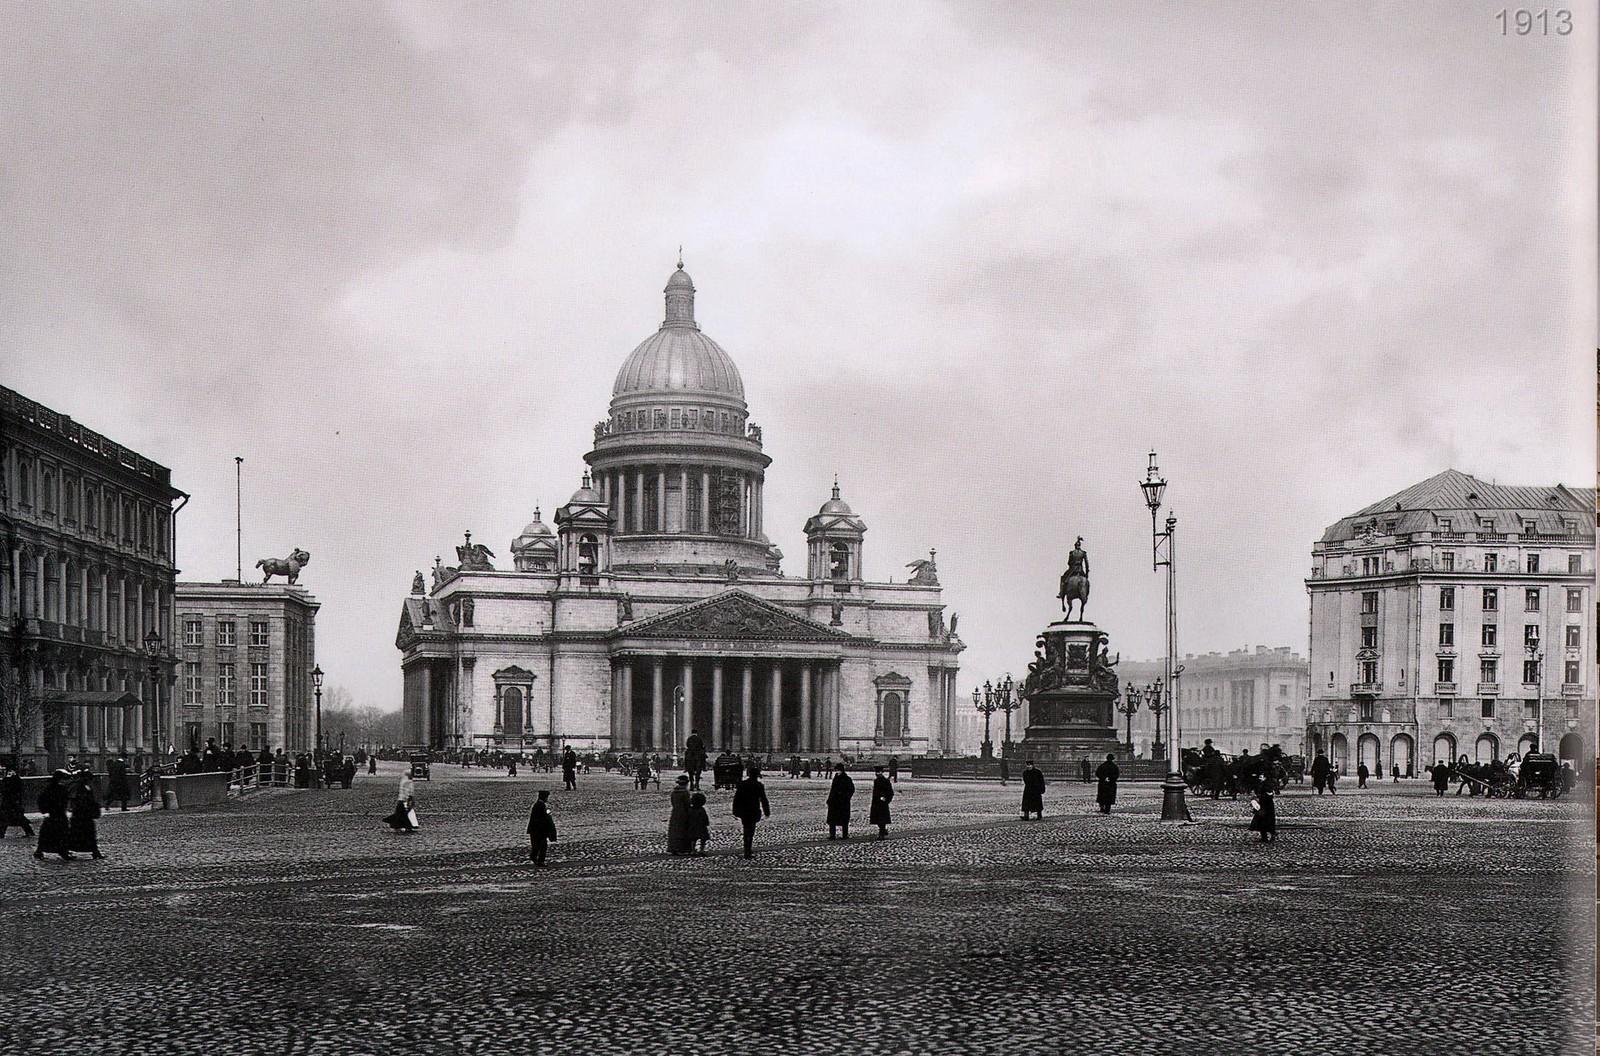 Исаакиевская площадь, Астория, Памятник Николаю I